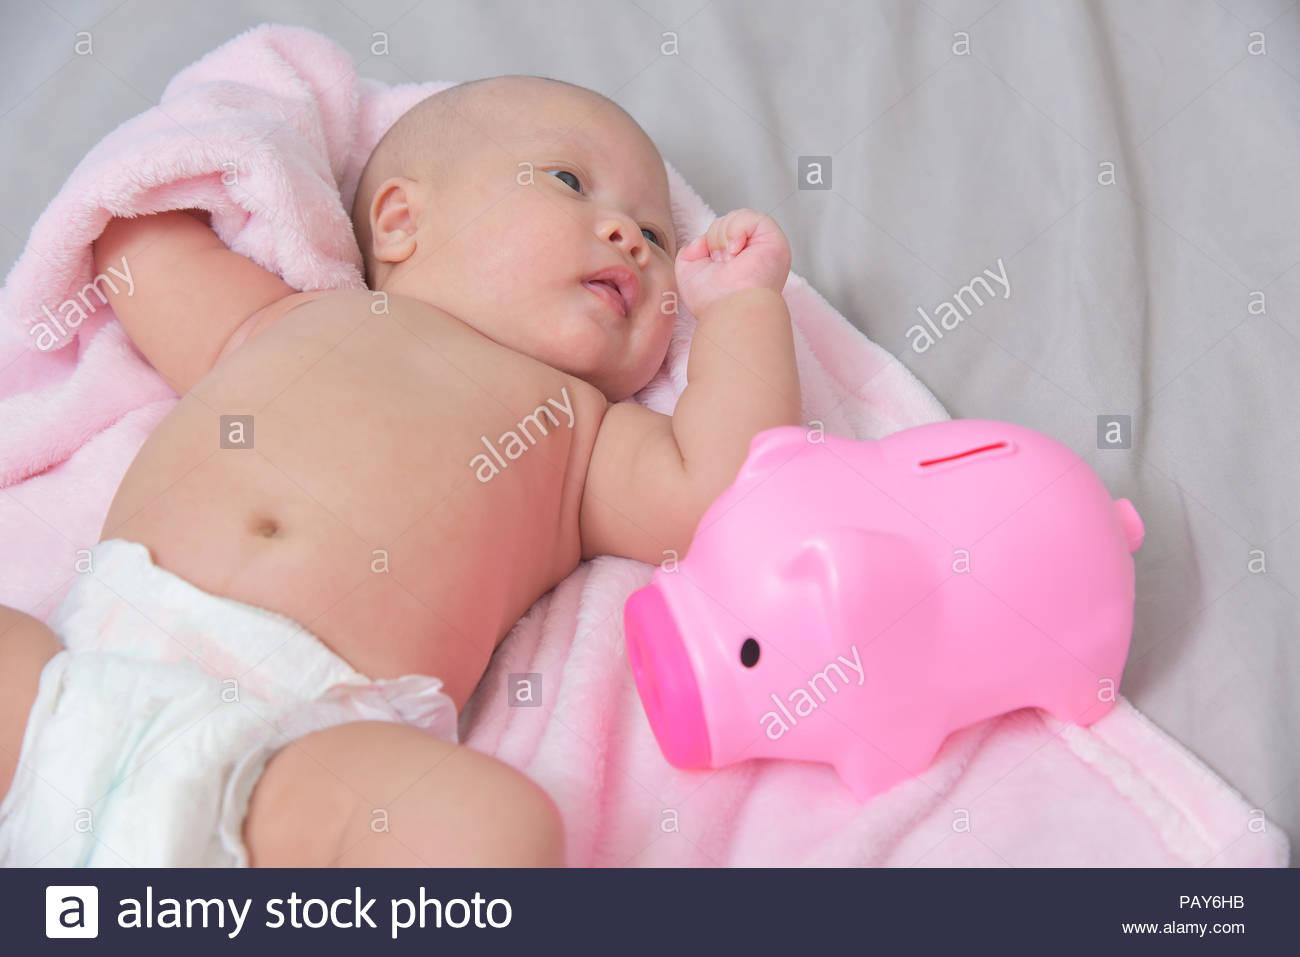 Huchas Para Bebes.Concepto De Ahorro Familiar El Ahorro De Dinero Para Nino